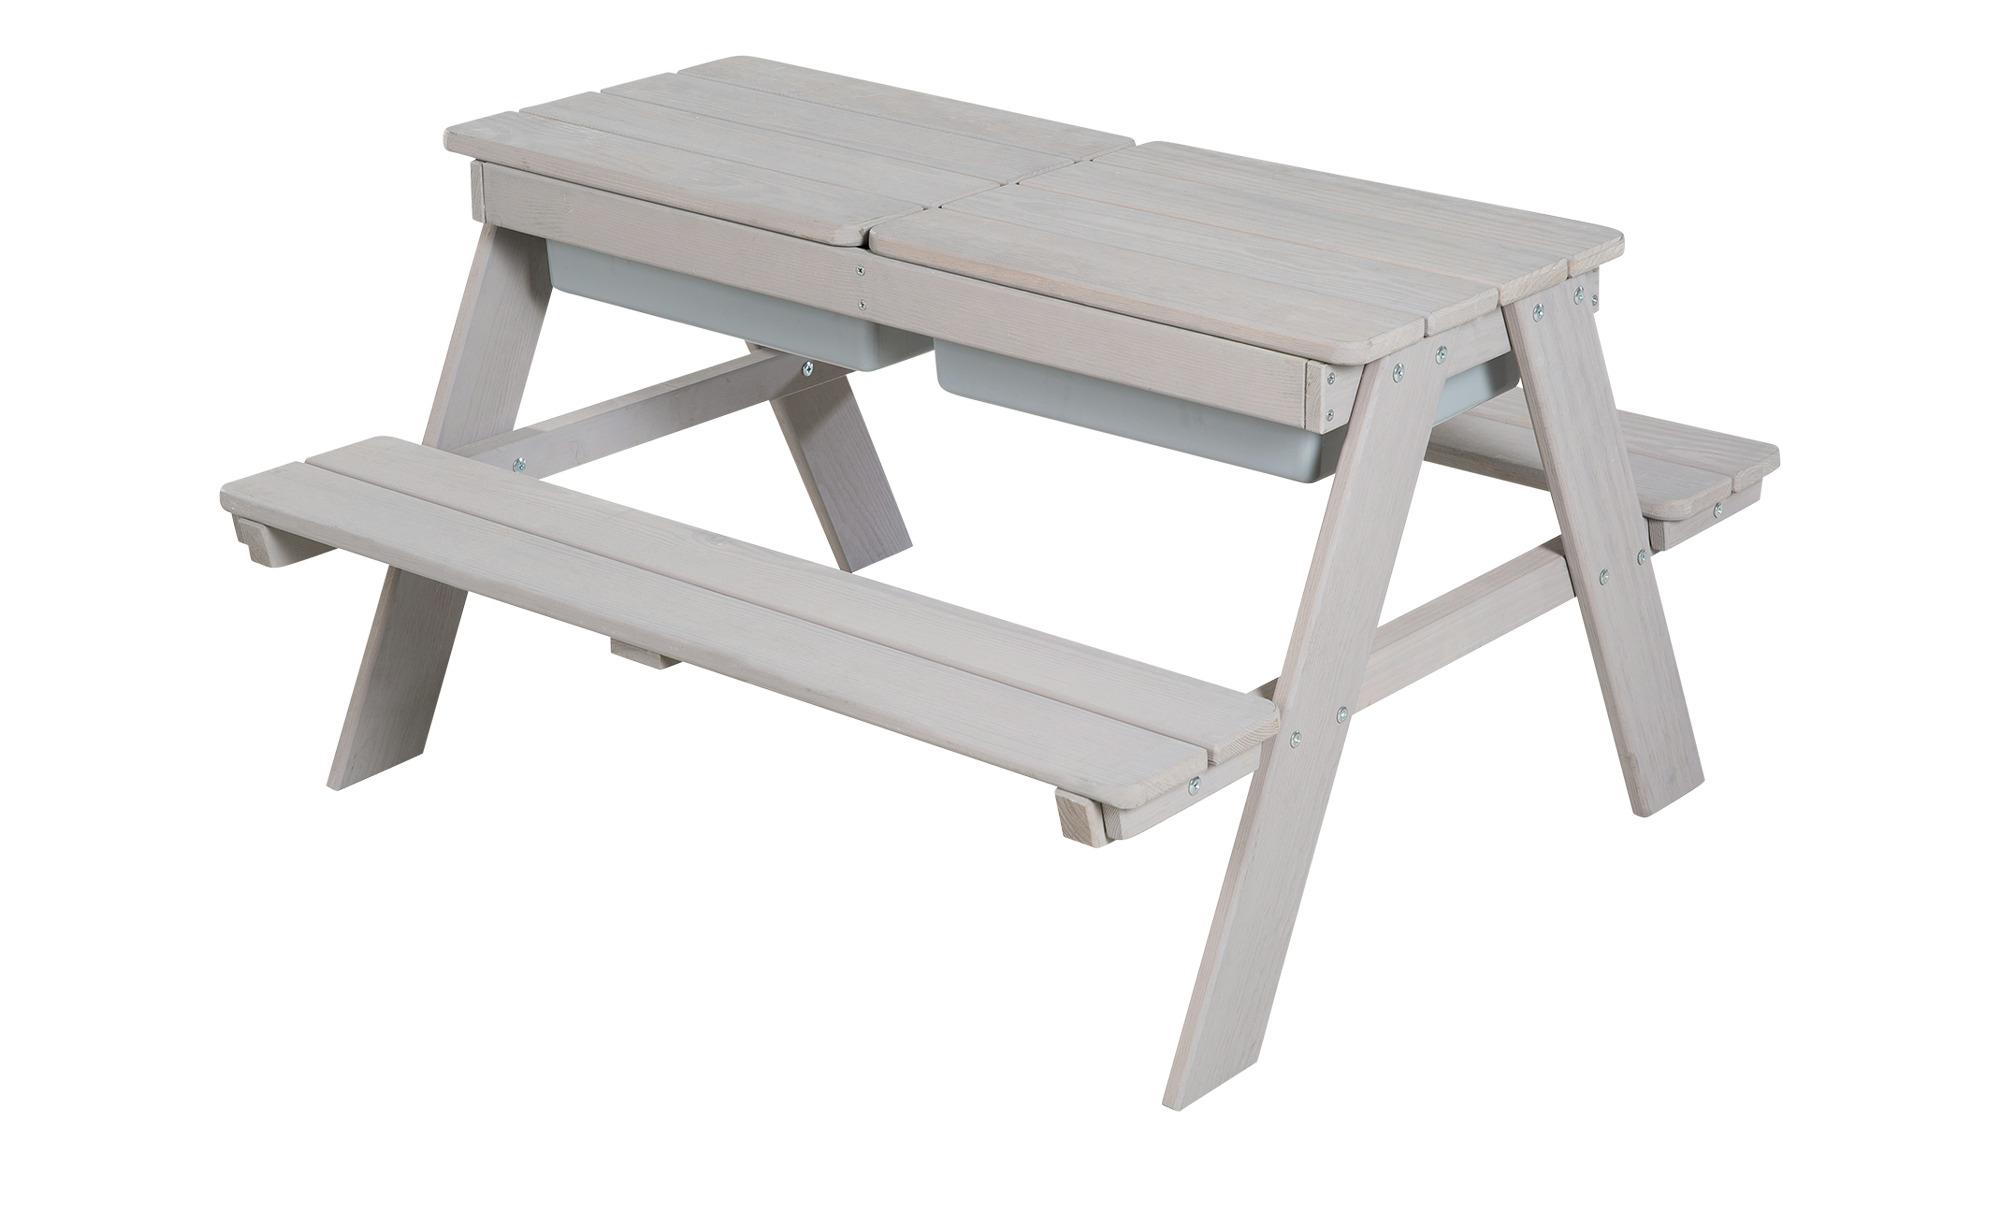 roba Kindersitzgruppe PICKNICK for 4' Outdoor +, mit 2 Spielwannen günstig online kaufen